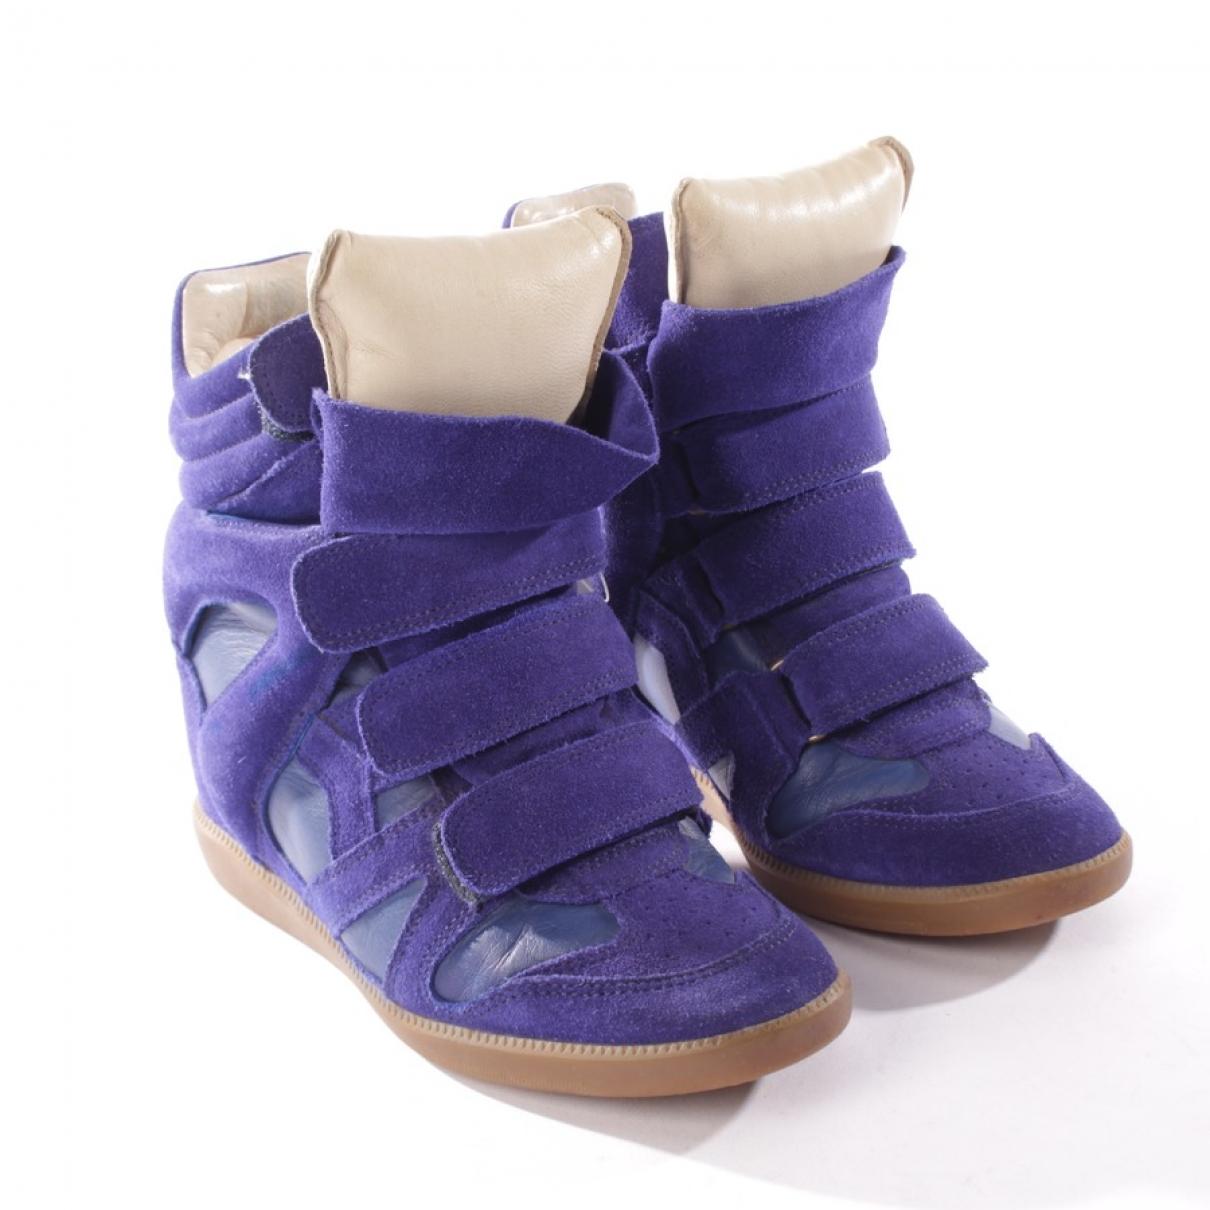 Isabel Marant Bayley Sneakers in  Blau Veloursleder